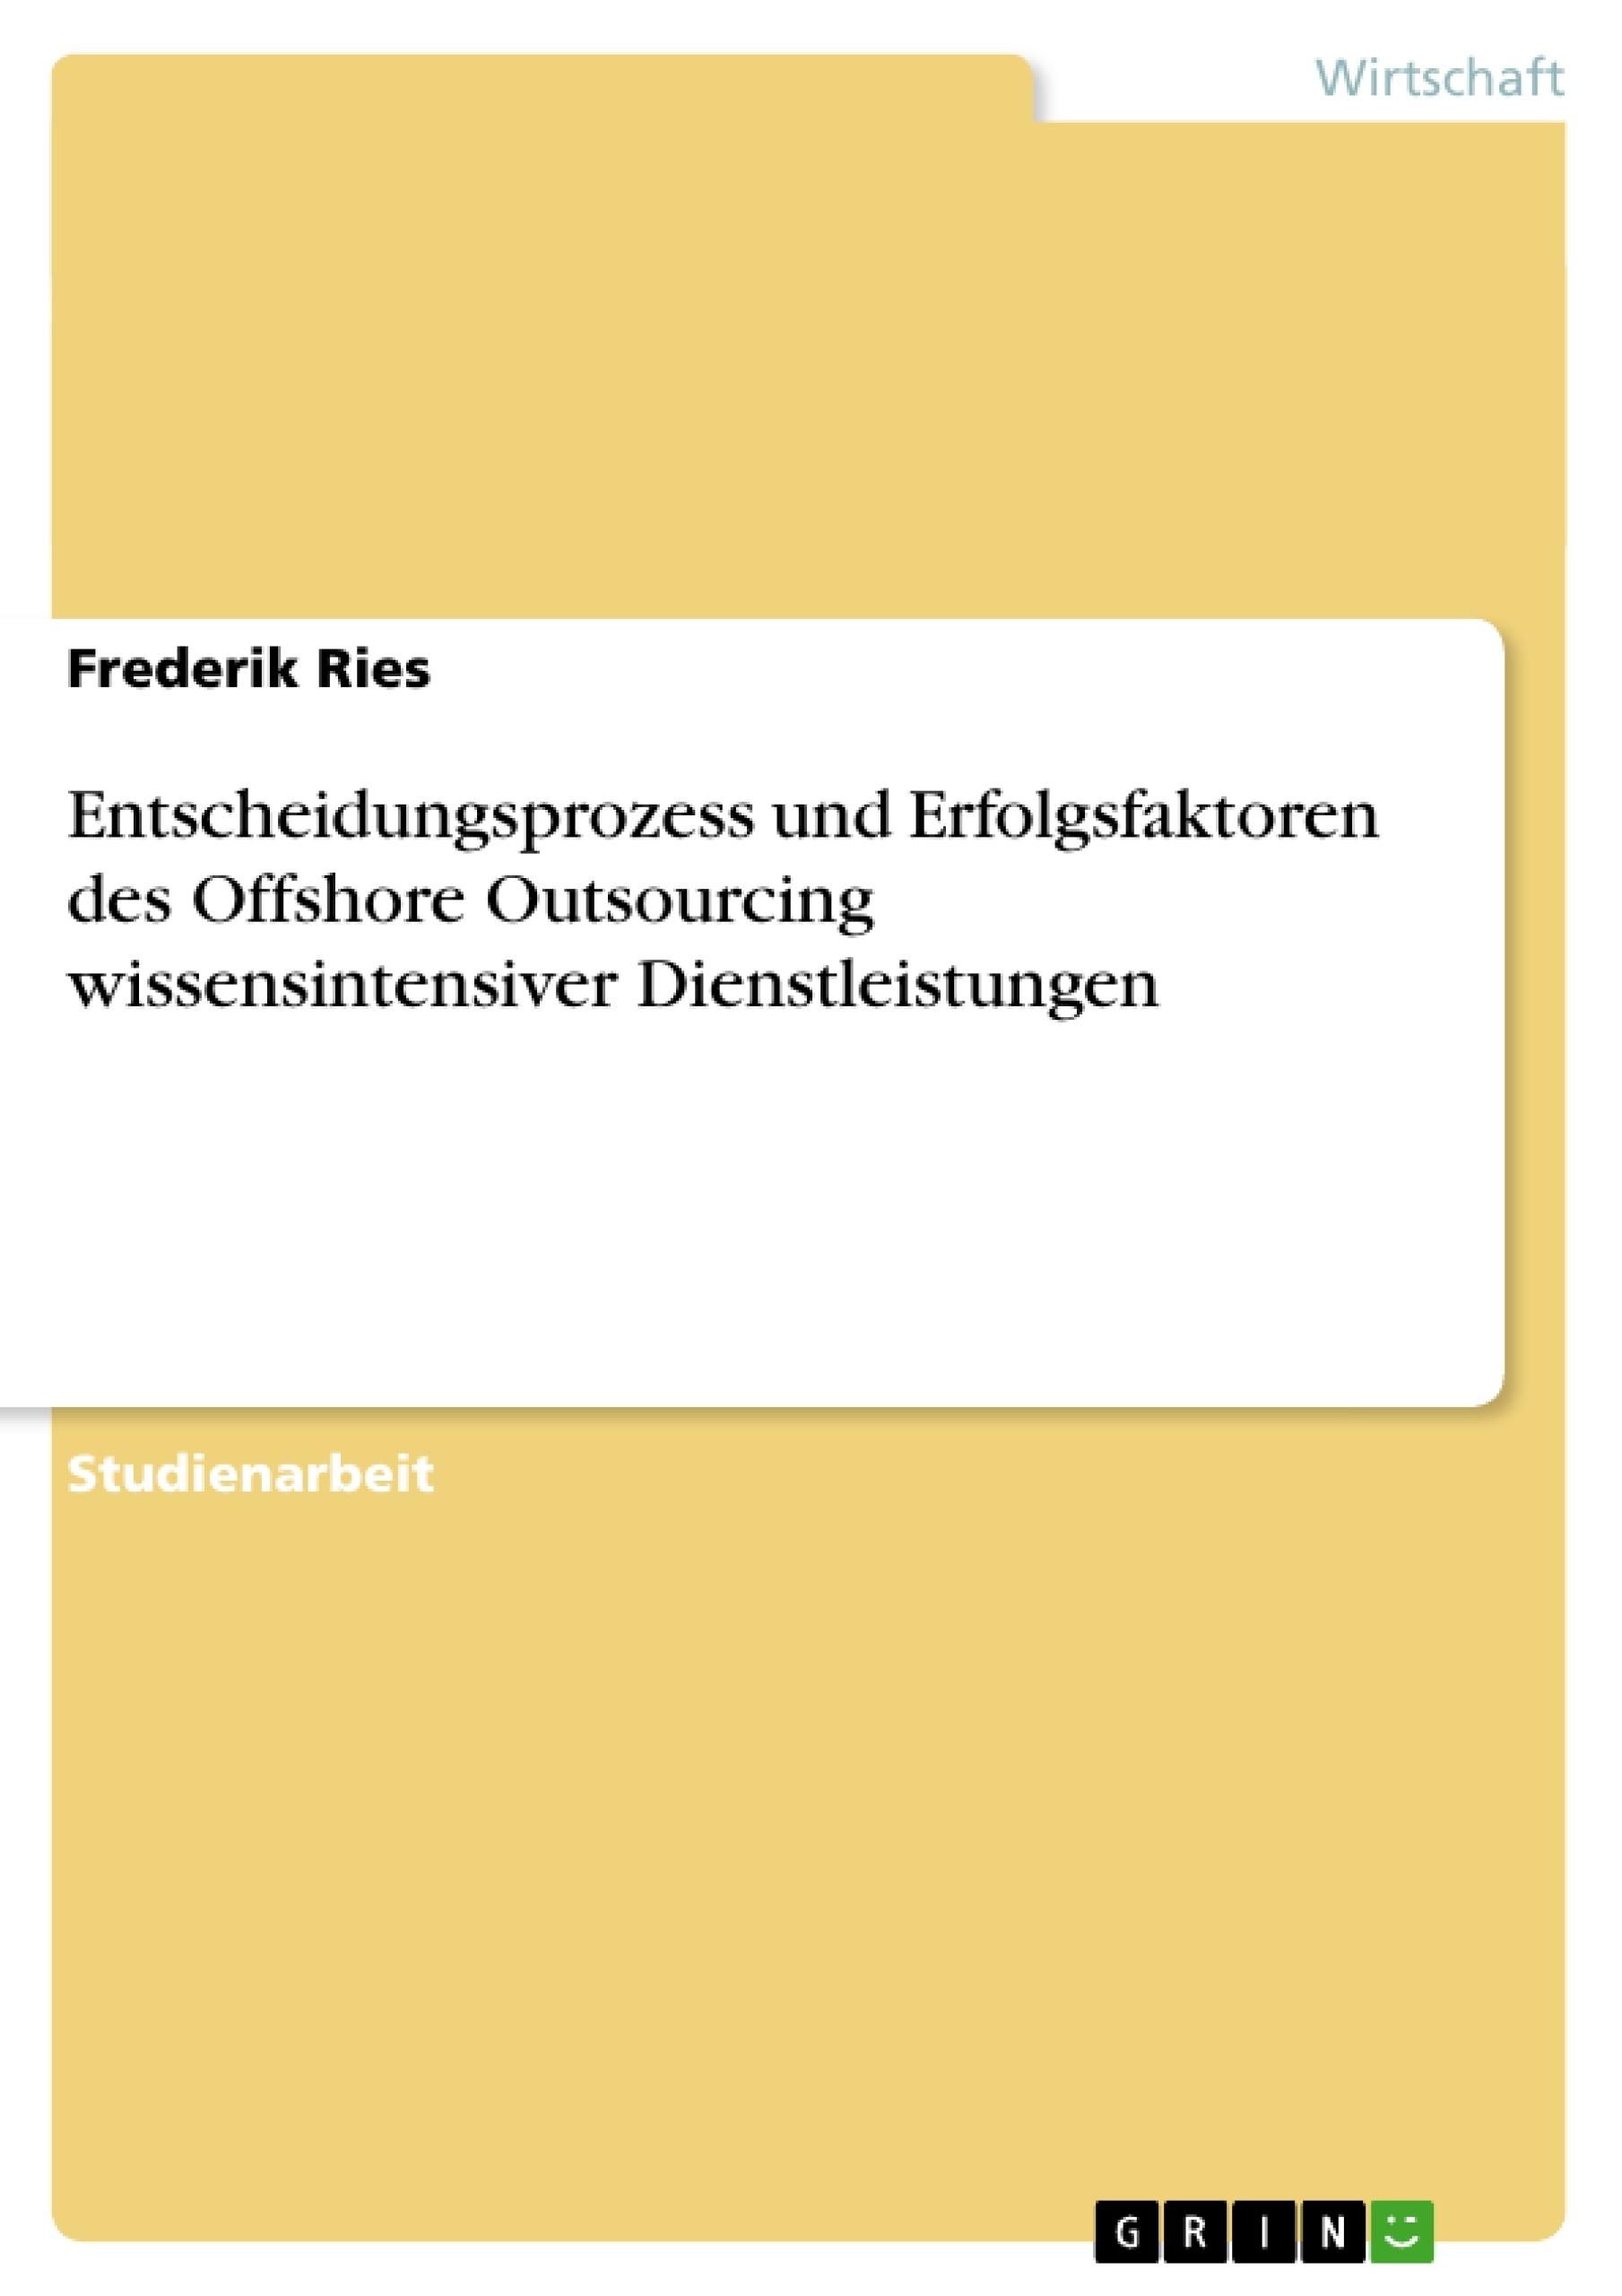 Titel: Entscheidungsprozess und Erfolgsfaktoren des Offshore Outsourcing wissensintensiver Dienstleistungen